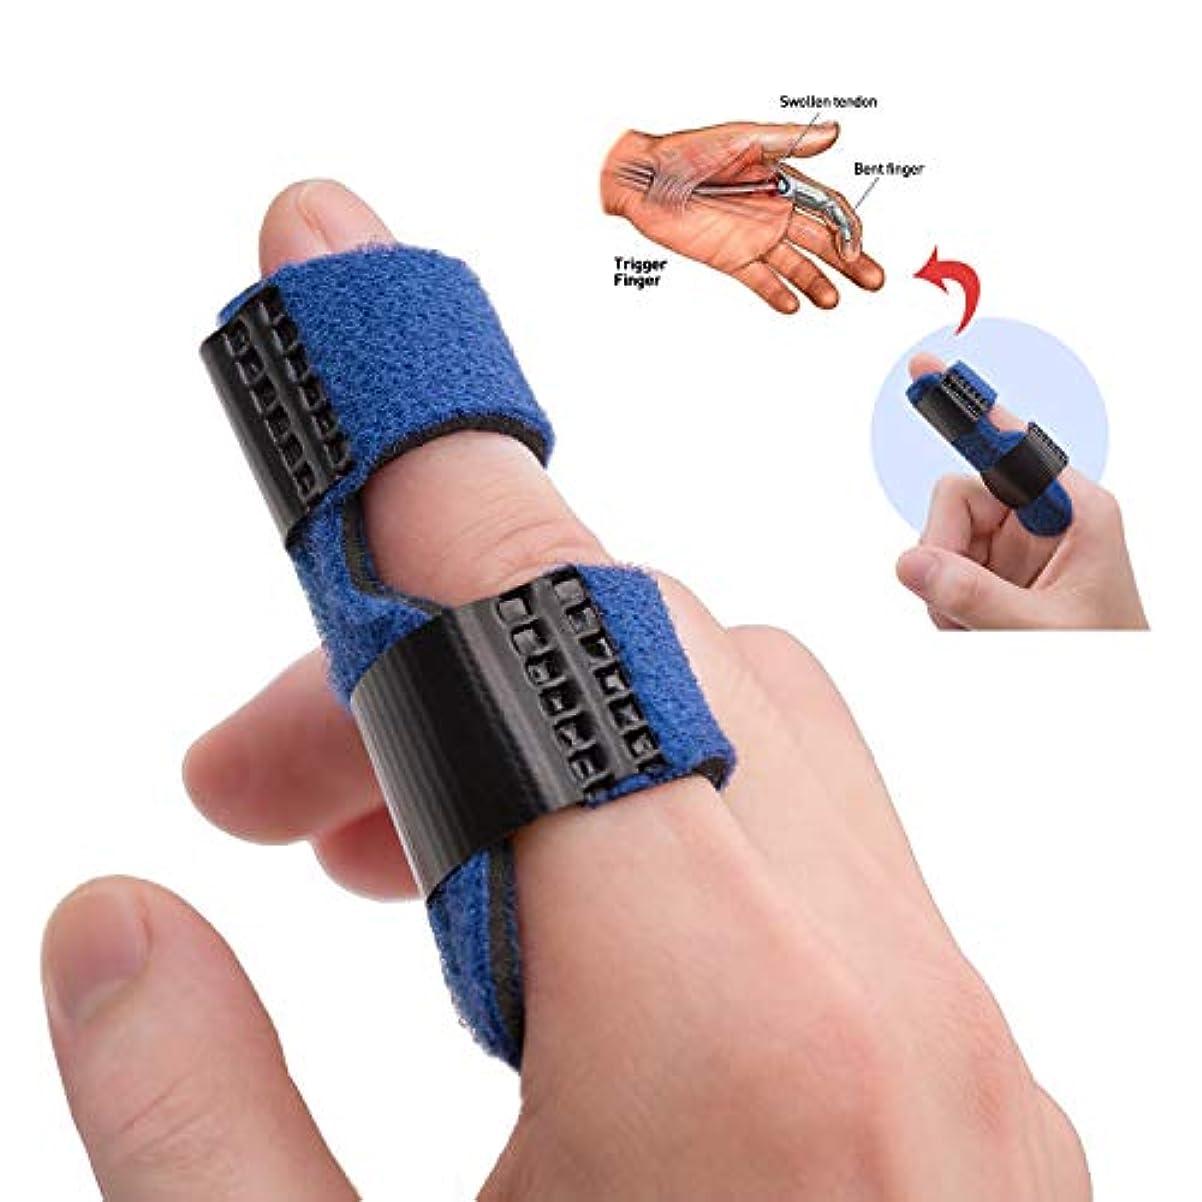 改革オフェンスシェーバーSumifun 指の骨折保護スリーブは通気性です 指 サポーター ばね指 突き指 腱鞘炎 スポーツ 保護 リハビリ 金属プレート 固定 柔軟 通気性 快適 全指適応 左右兼用 フリーサイズ 調節可能